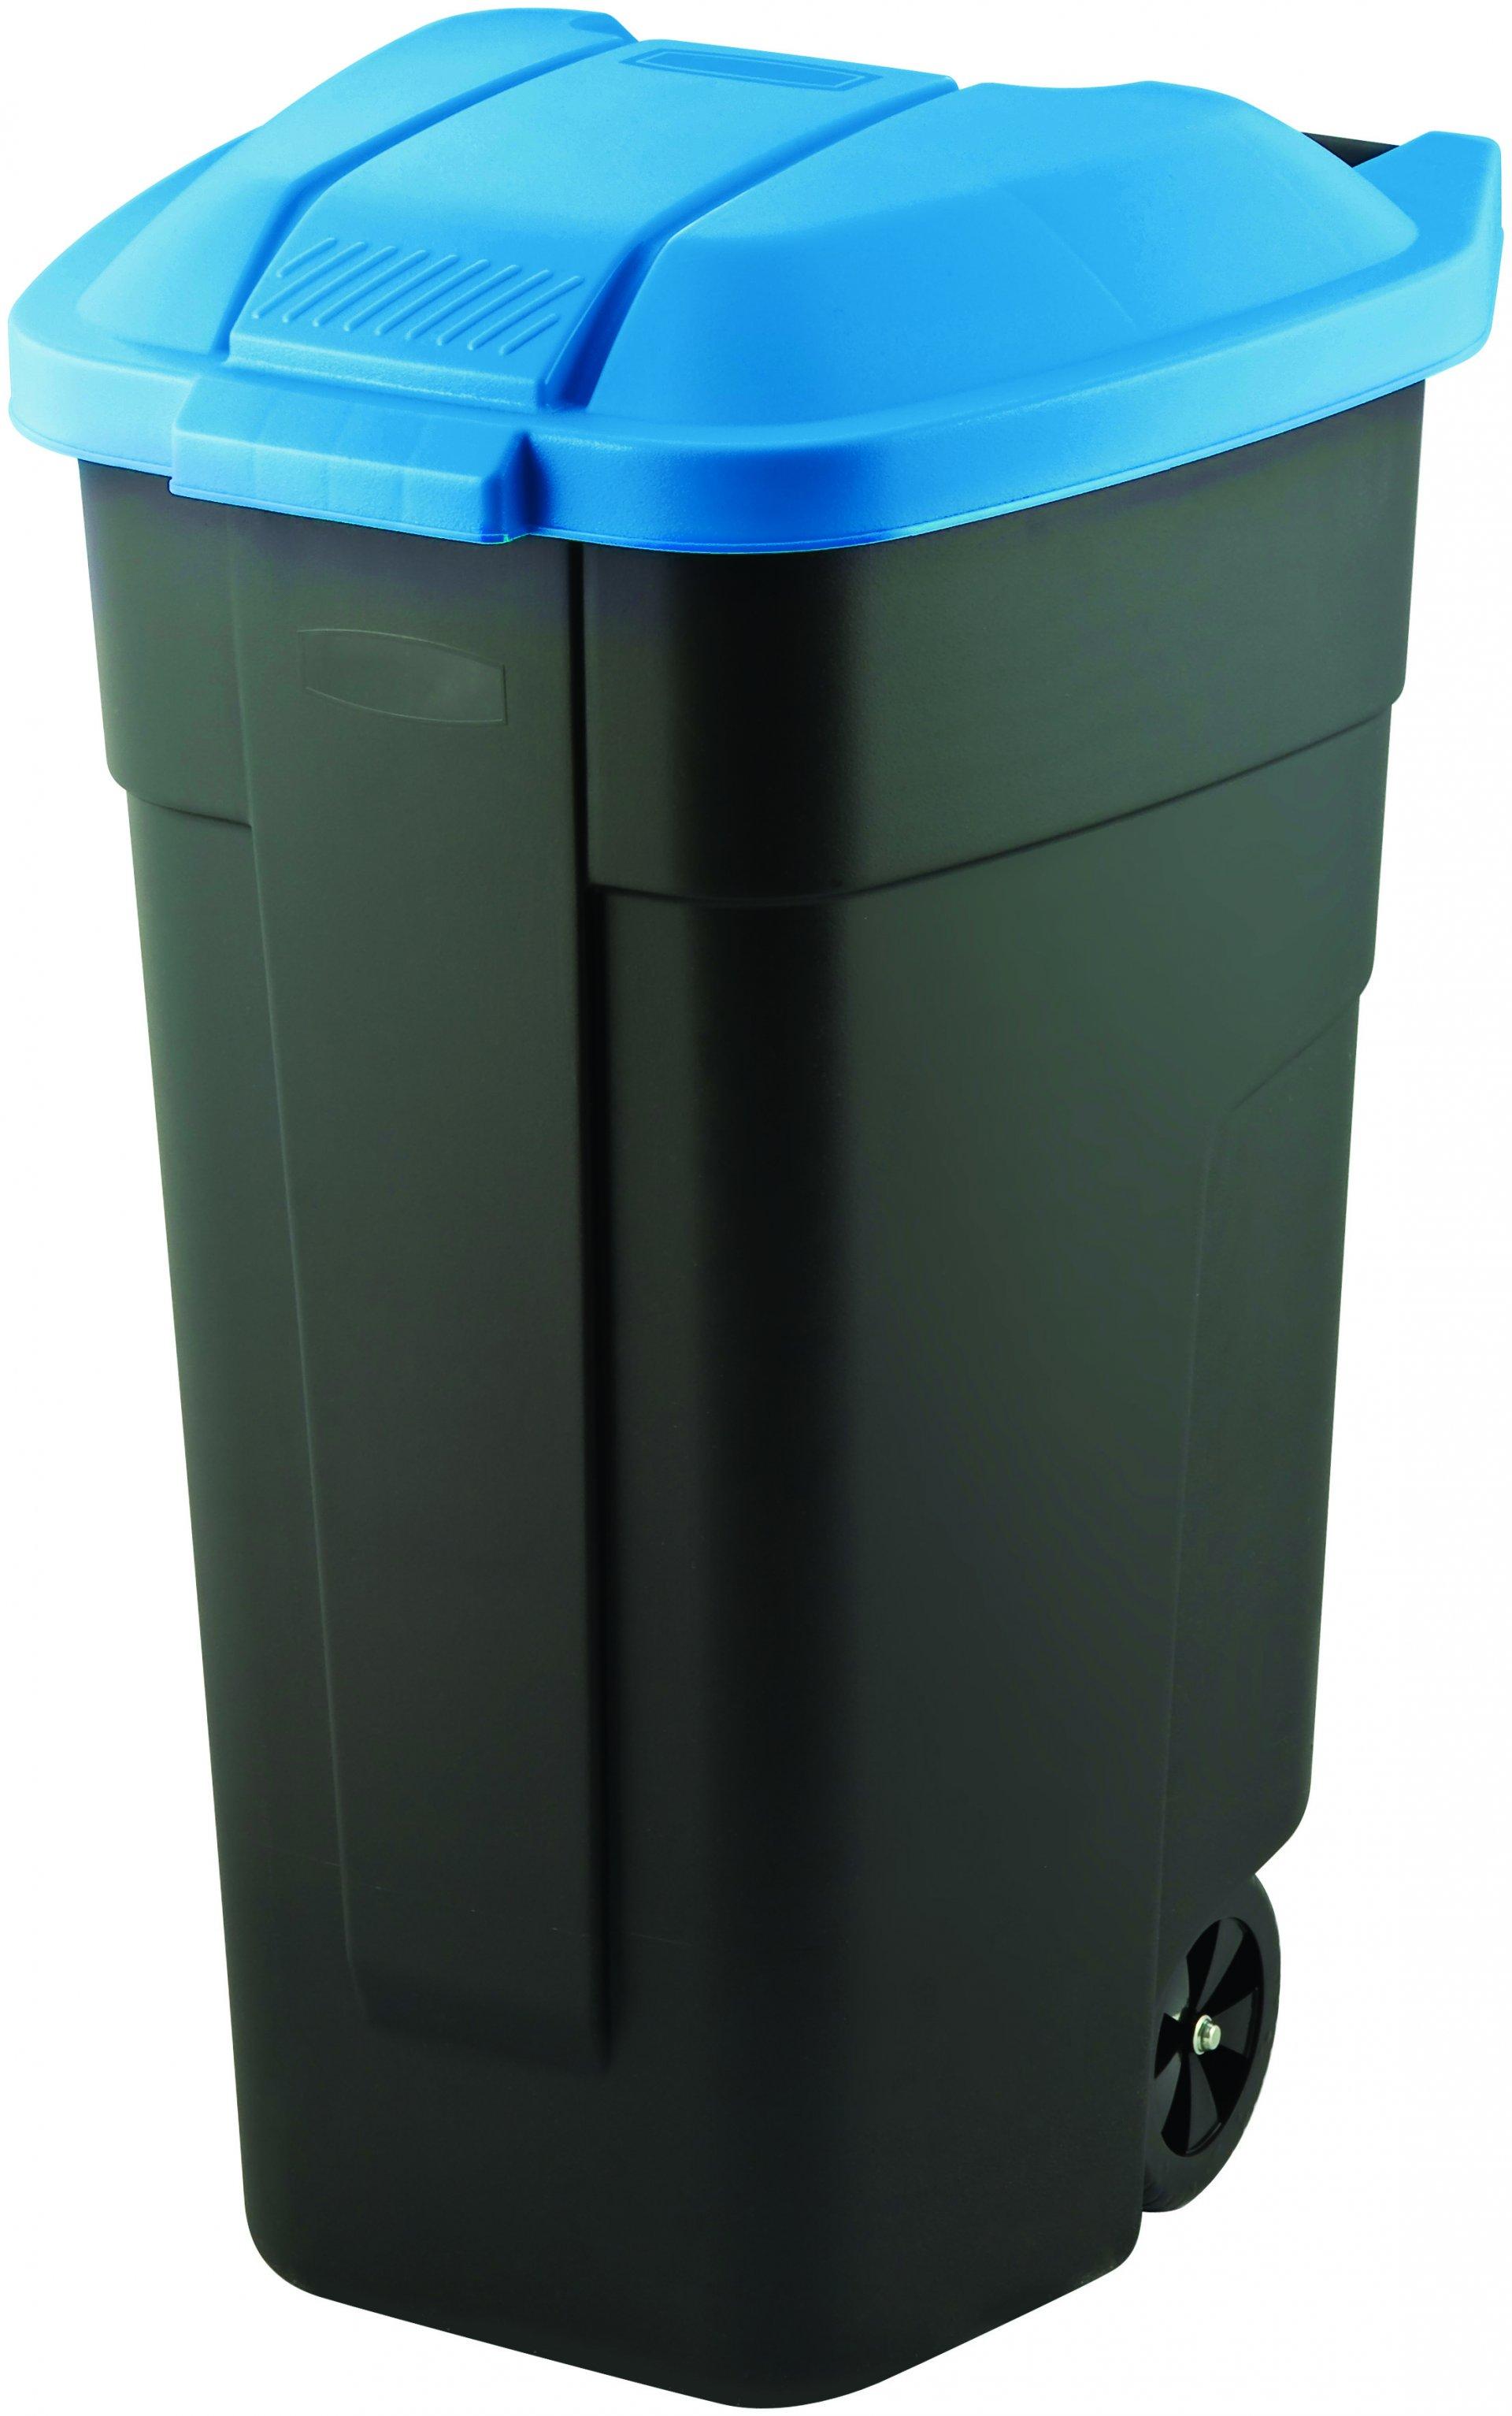 Curver popelnice, černá/modrá, 110l